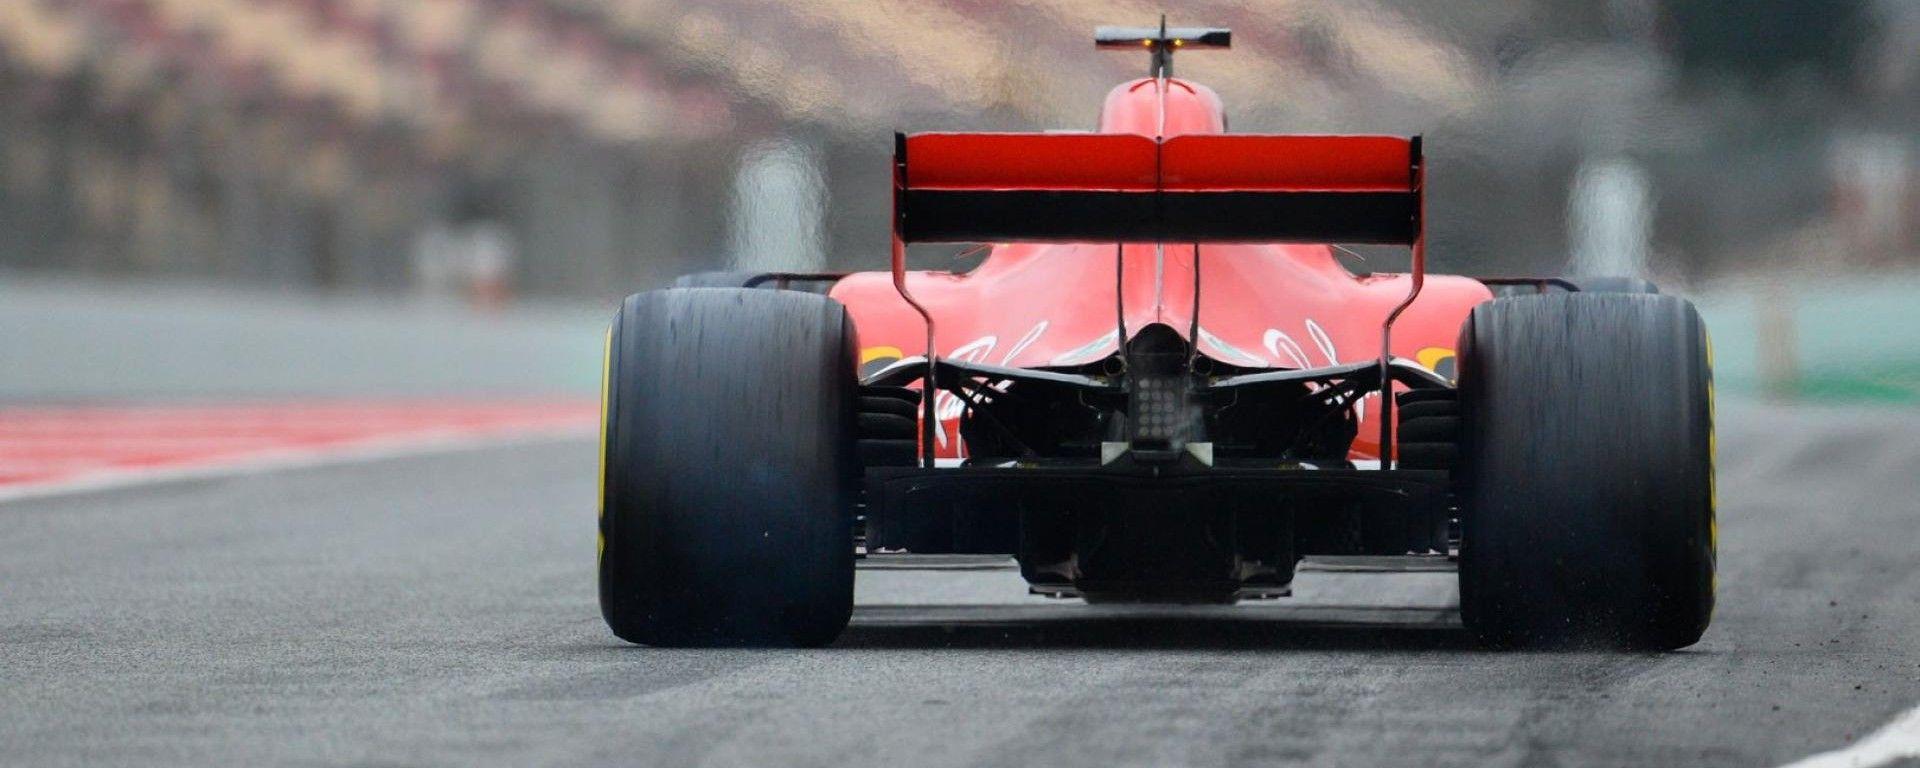 Test F1 2018 Barcellona 2, Scuderia Ferrari